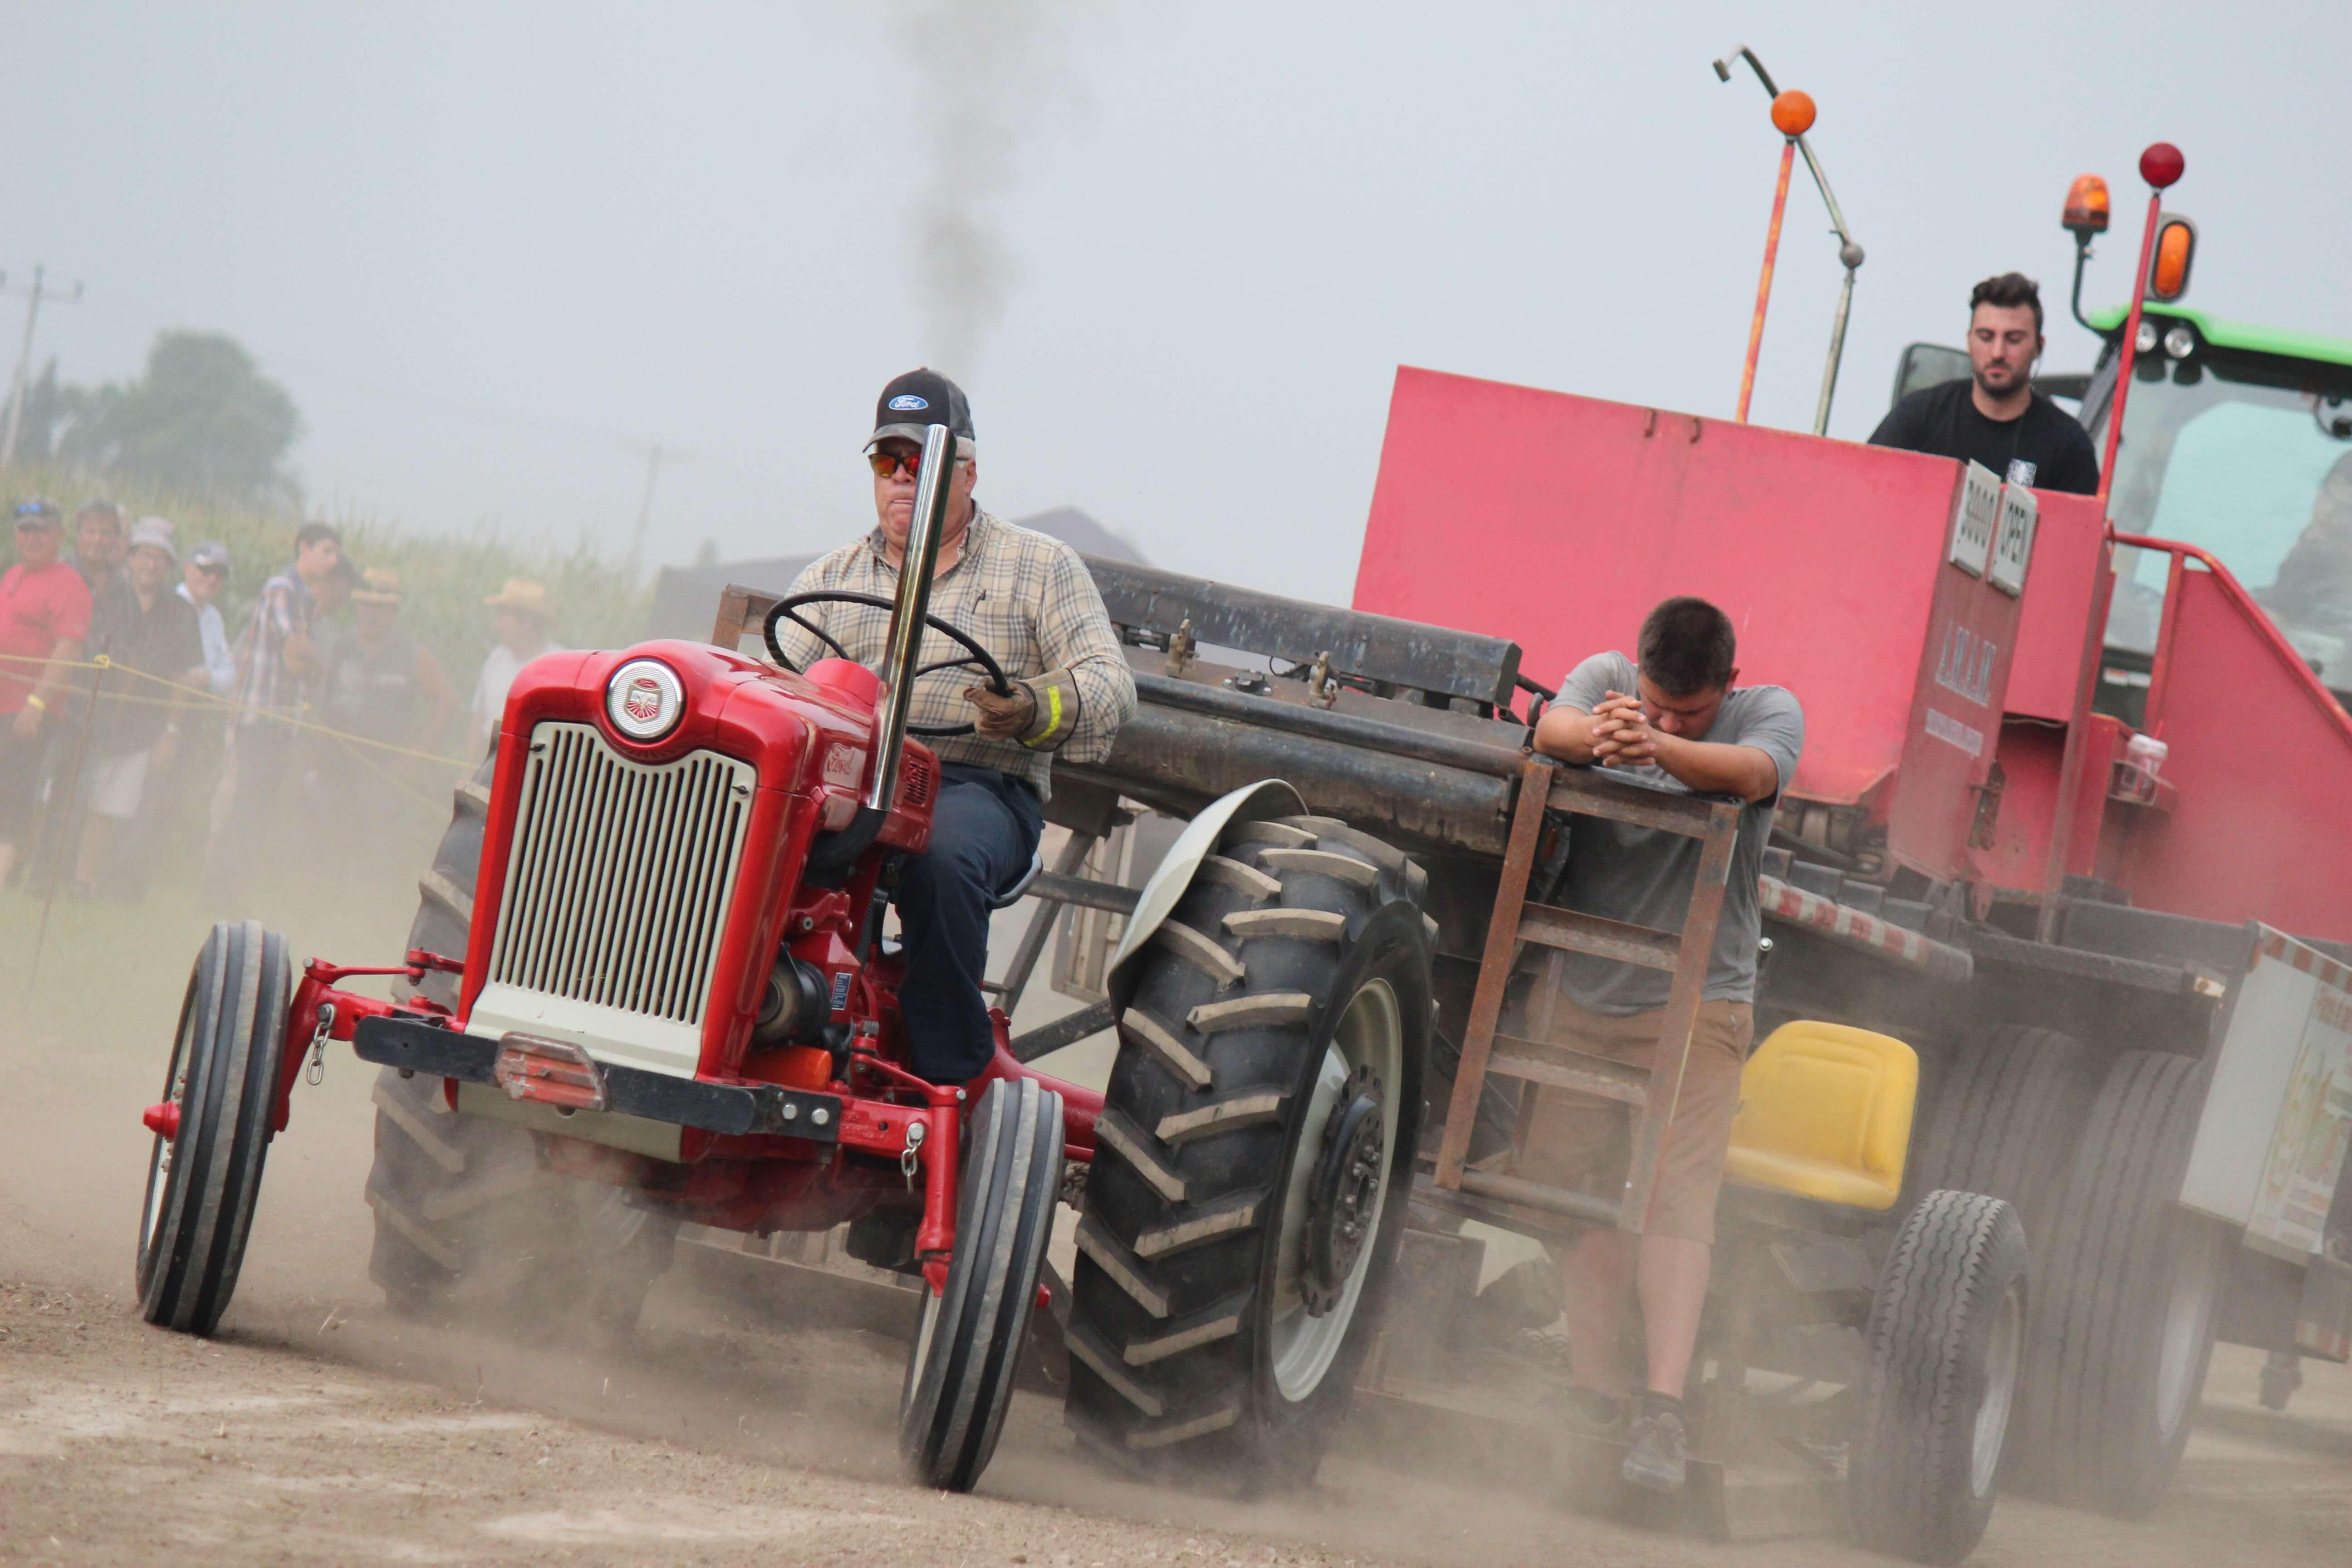 Tirs de tracteurs à Saint-Alexis